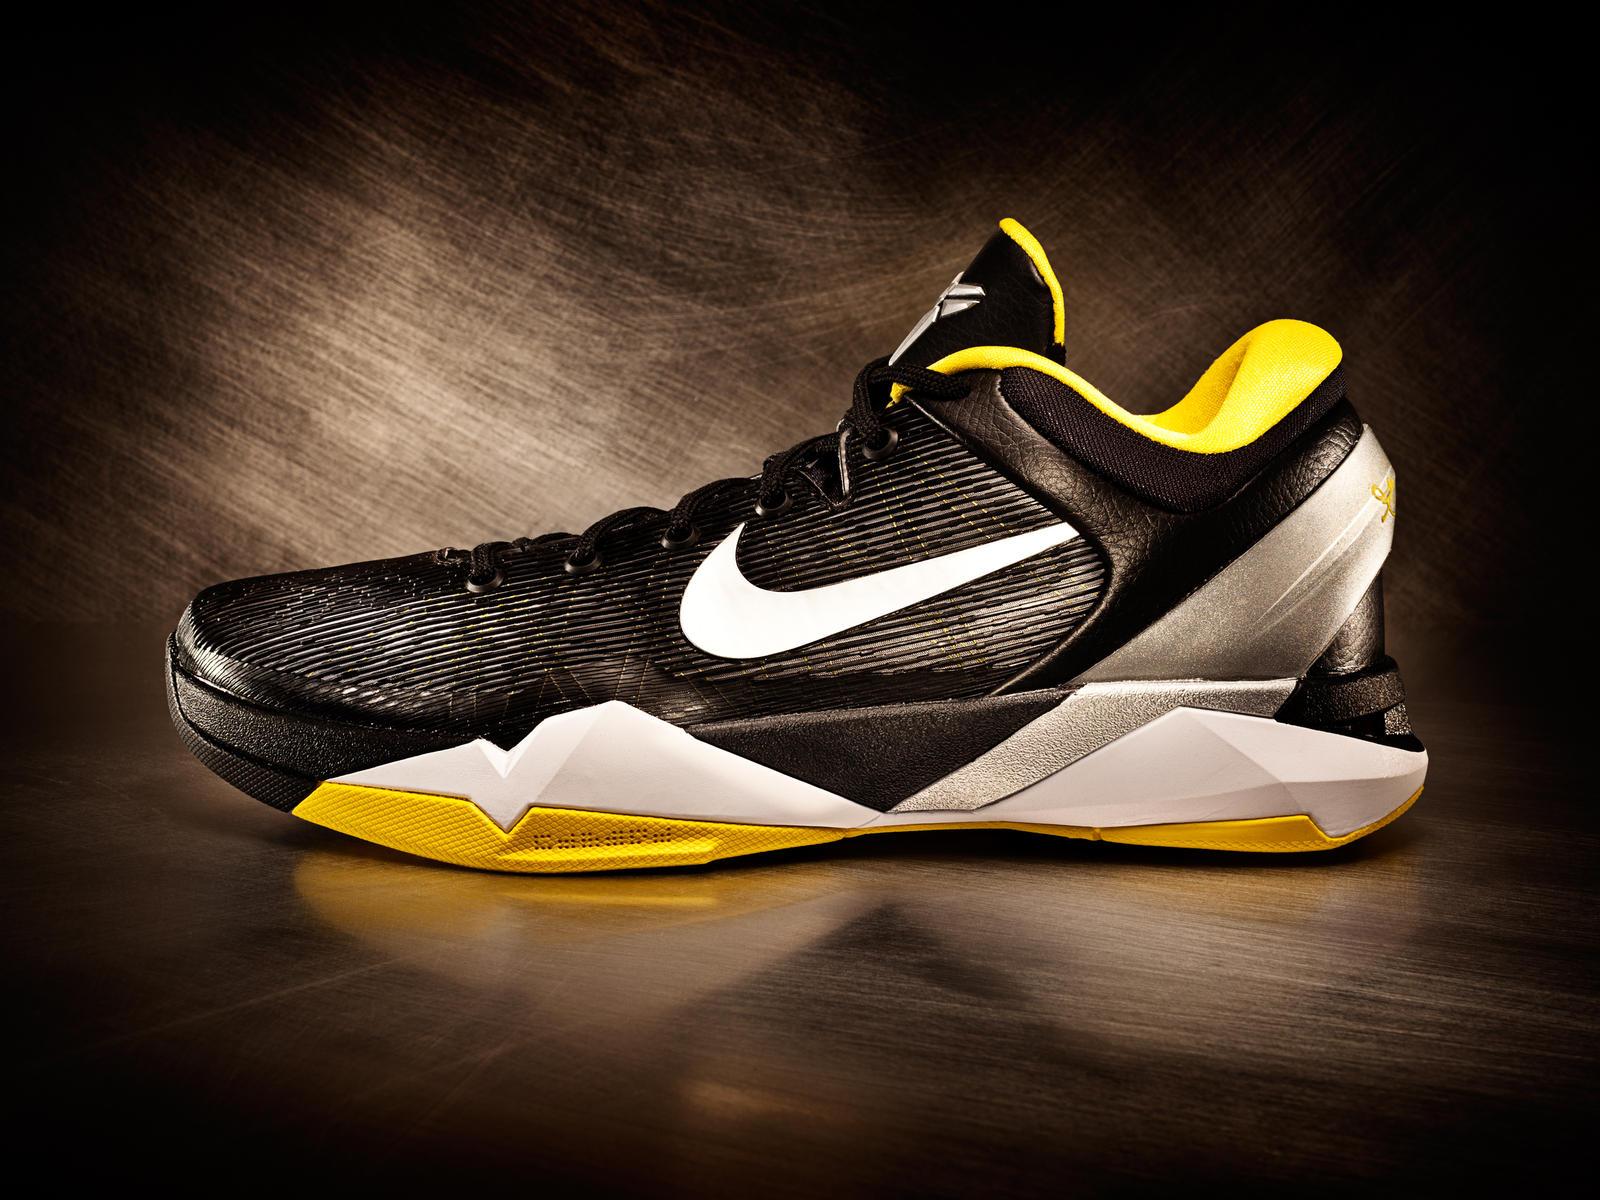 Nike Zoom Kobe 7 VII Del Sol Black